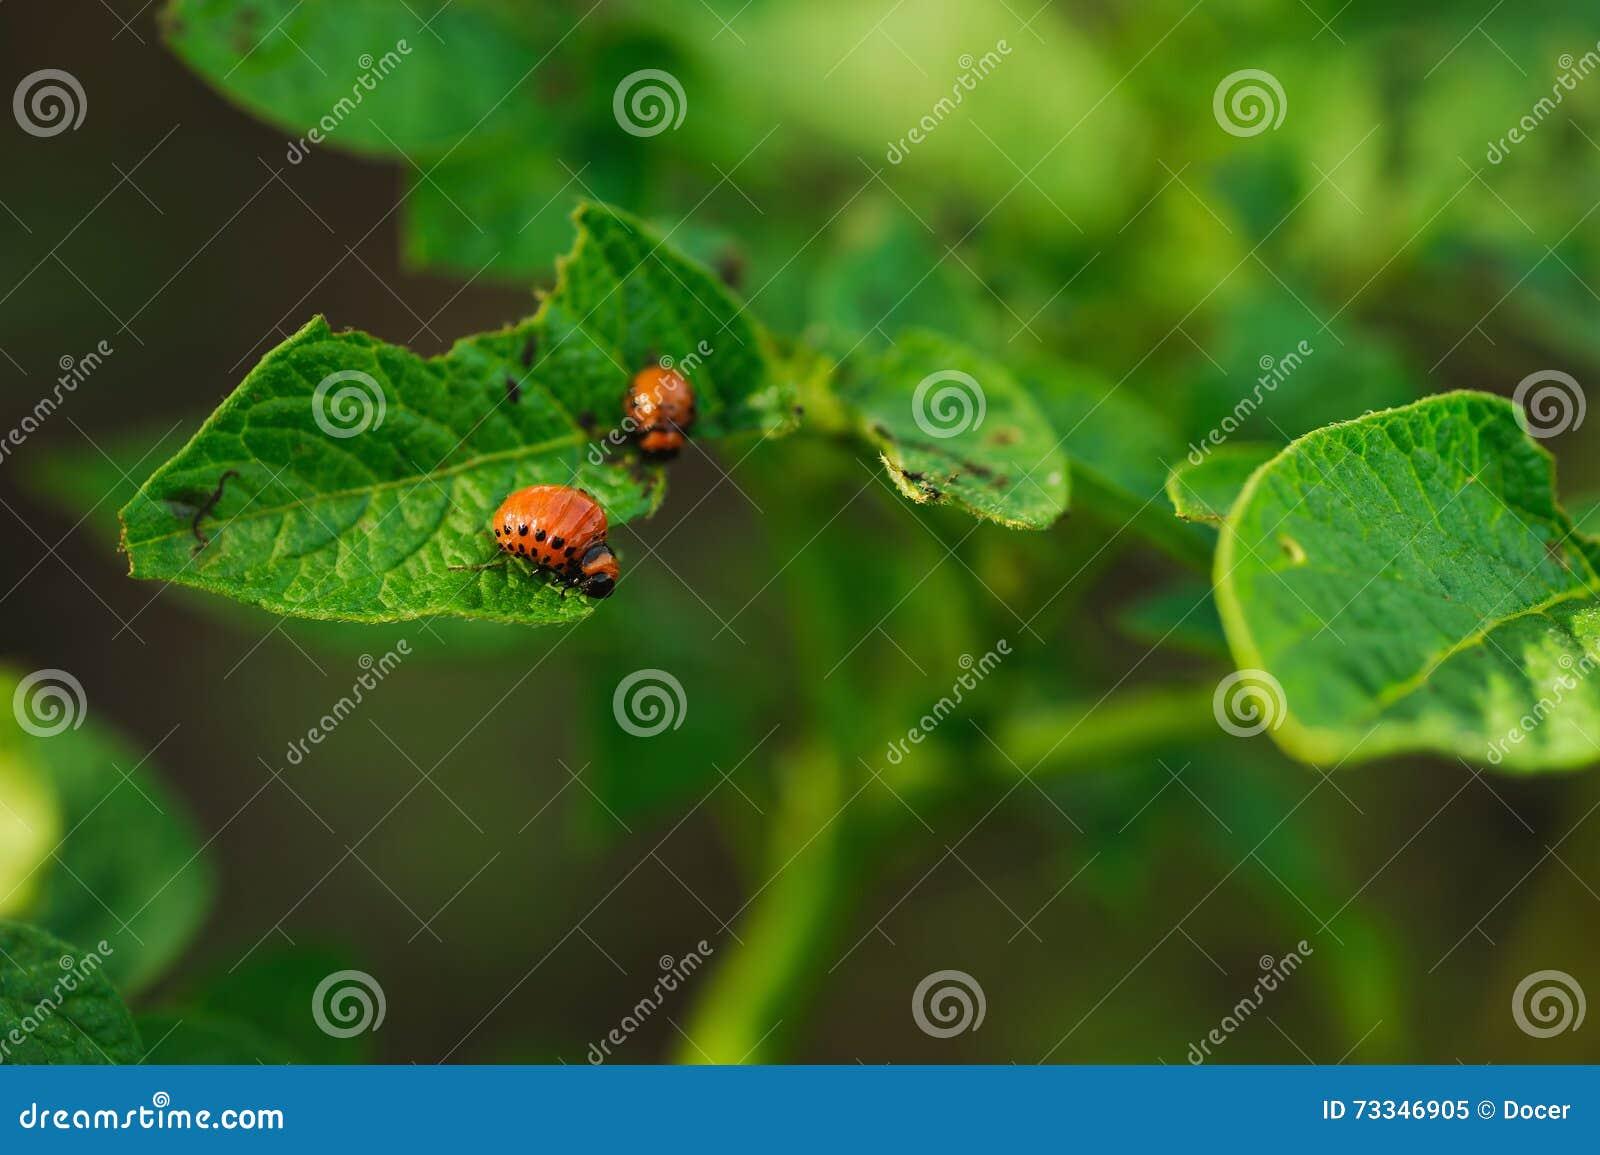 Potato bug in a green leaf